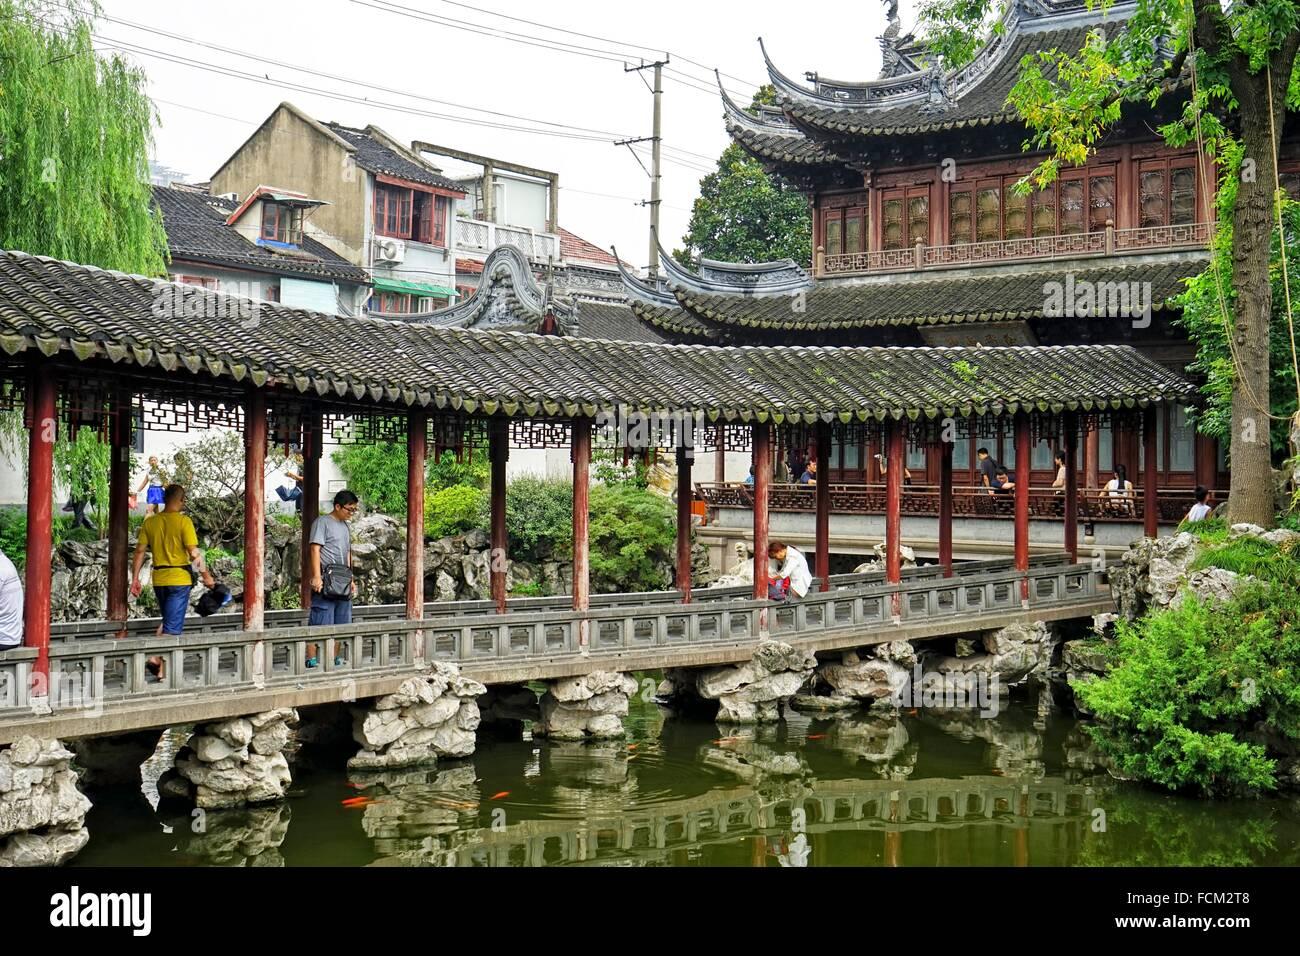 L 39 yuyuan o il giardino di yu jade garden citt vecchia shanghai in cina hall di giada - Il giardino di giada ...